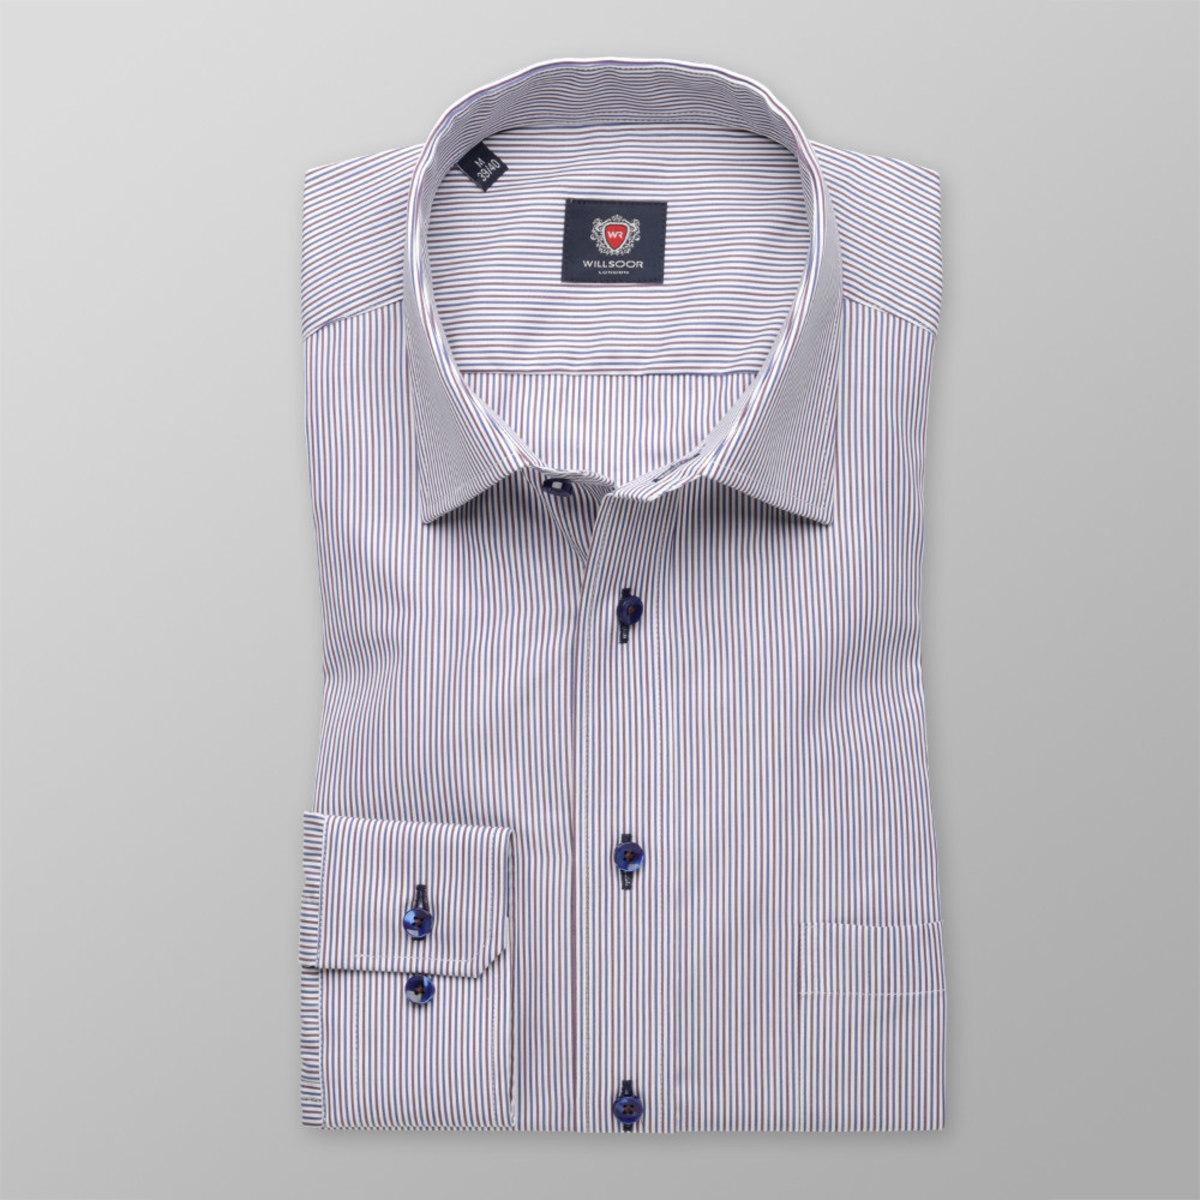 Pánska klasická košeľa (výška 176-182) 8397 v biele farbe s pásikmi a úpravou easy care 176-182 / XL (43/44)